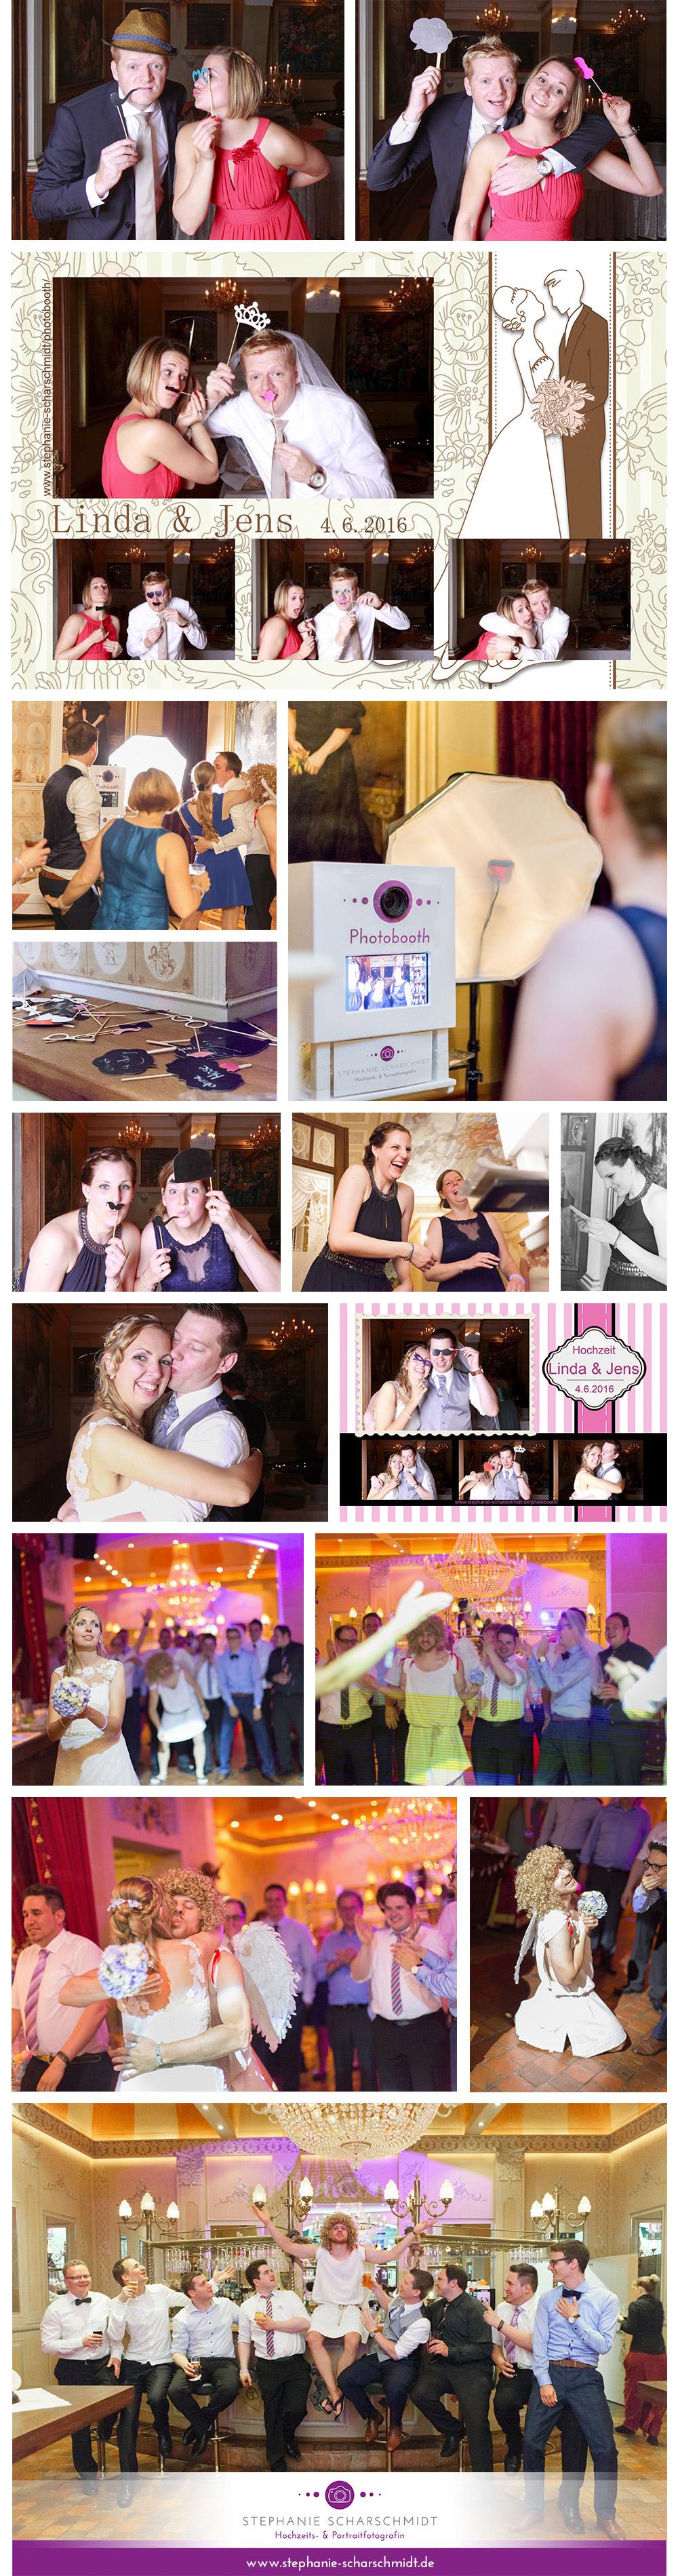 Photobooth – Die Resonanz war überwältigend: ein echtes Party-Highlight mit Spaßgarantie für Jung und Alt